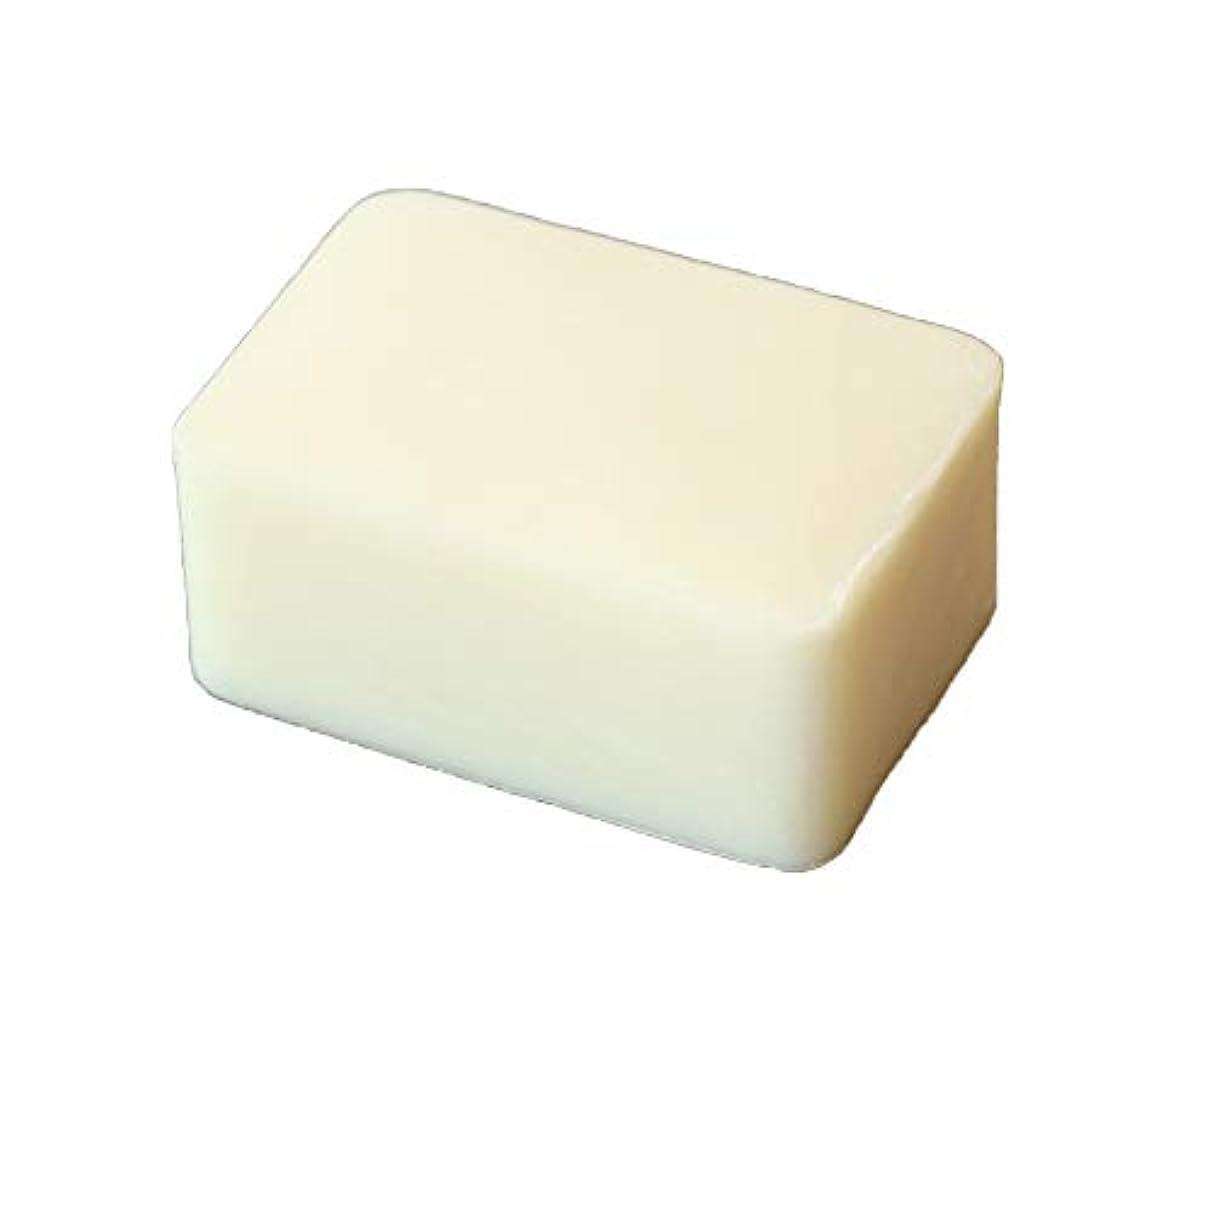 アフリカチャレンジキー【絹屋】絹の石鹸(5468)